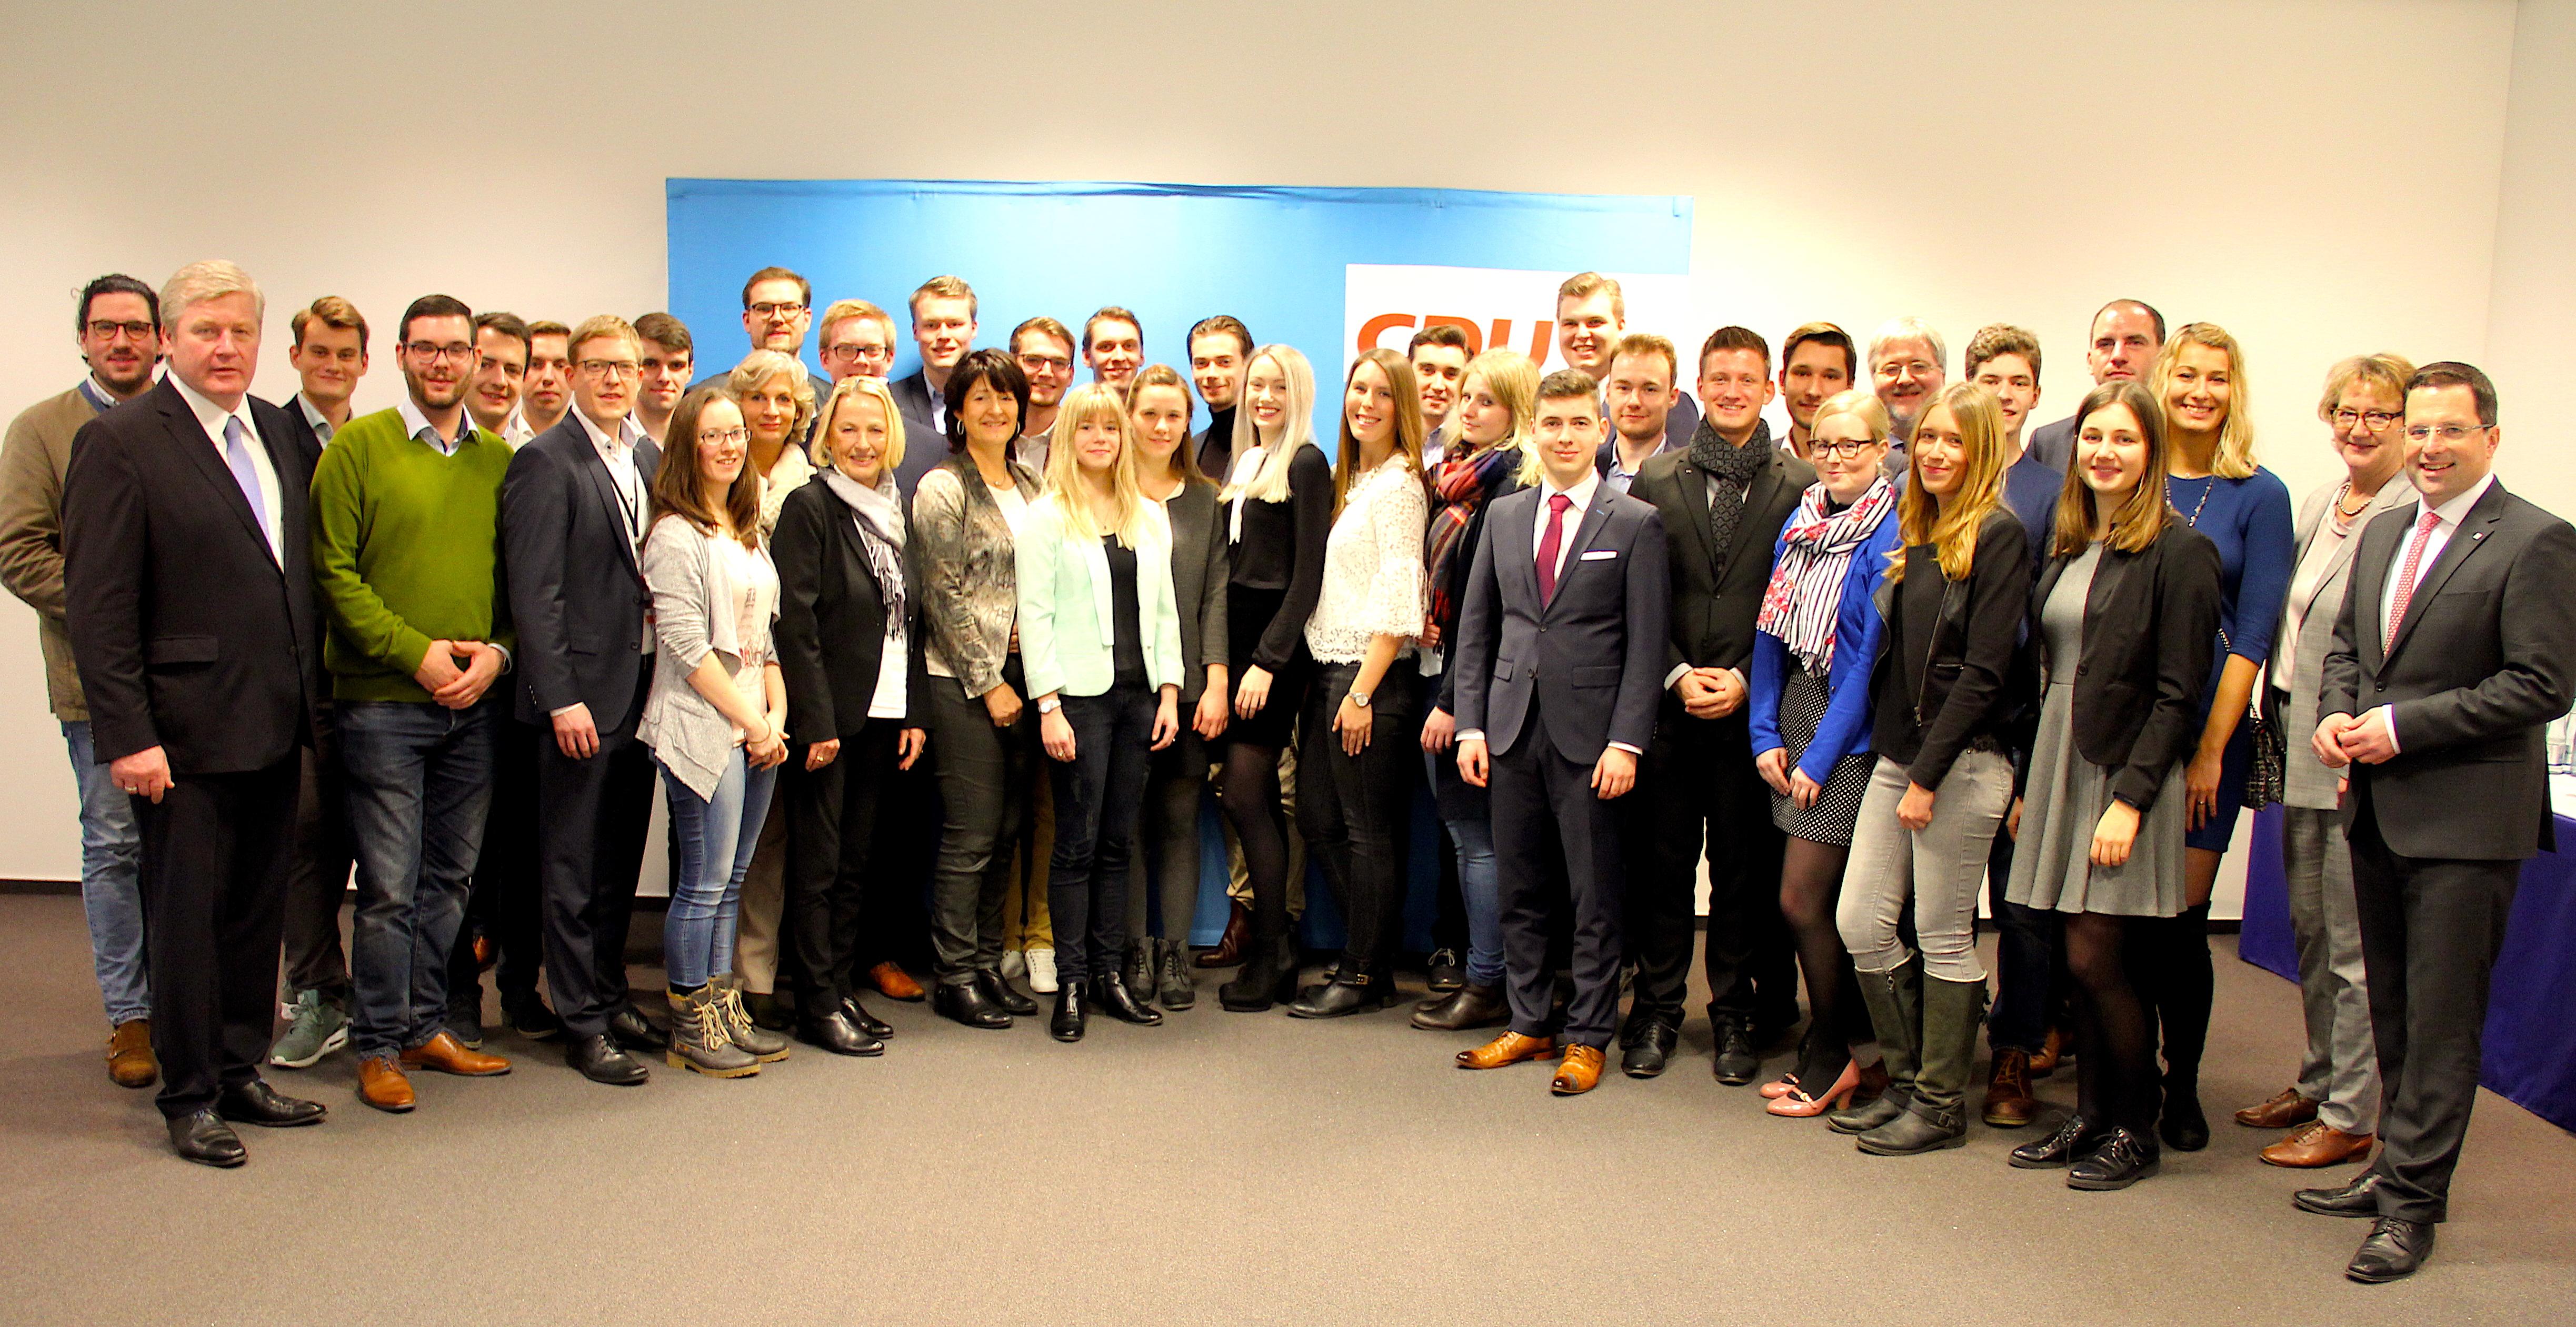 46 junge Niedersachsen absolvieren CDU-Talentschmiede   CDU in Niedersachsen a3aba3919b